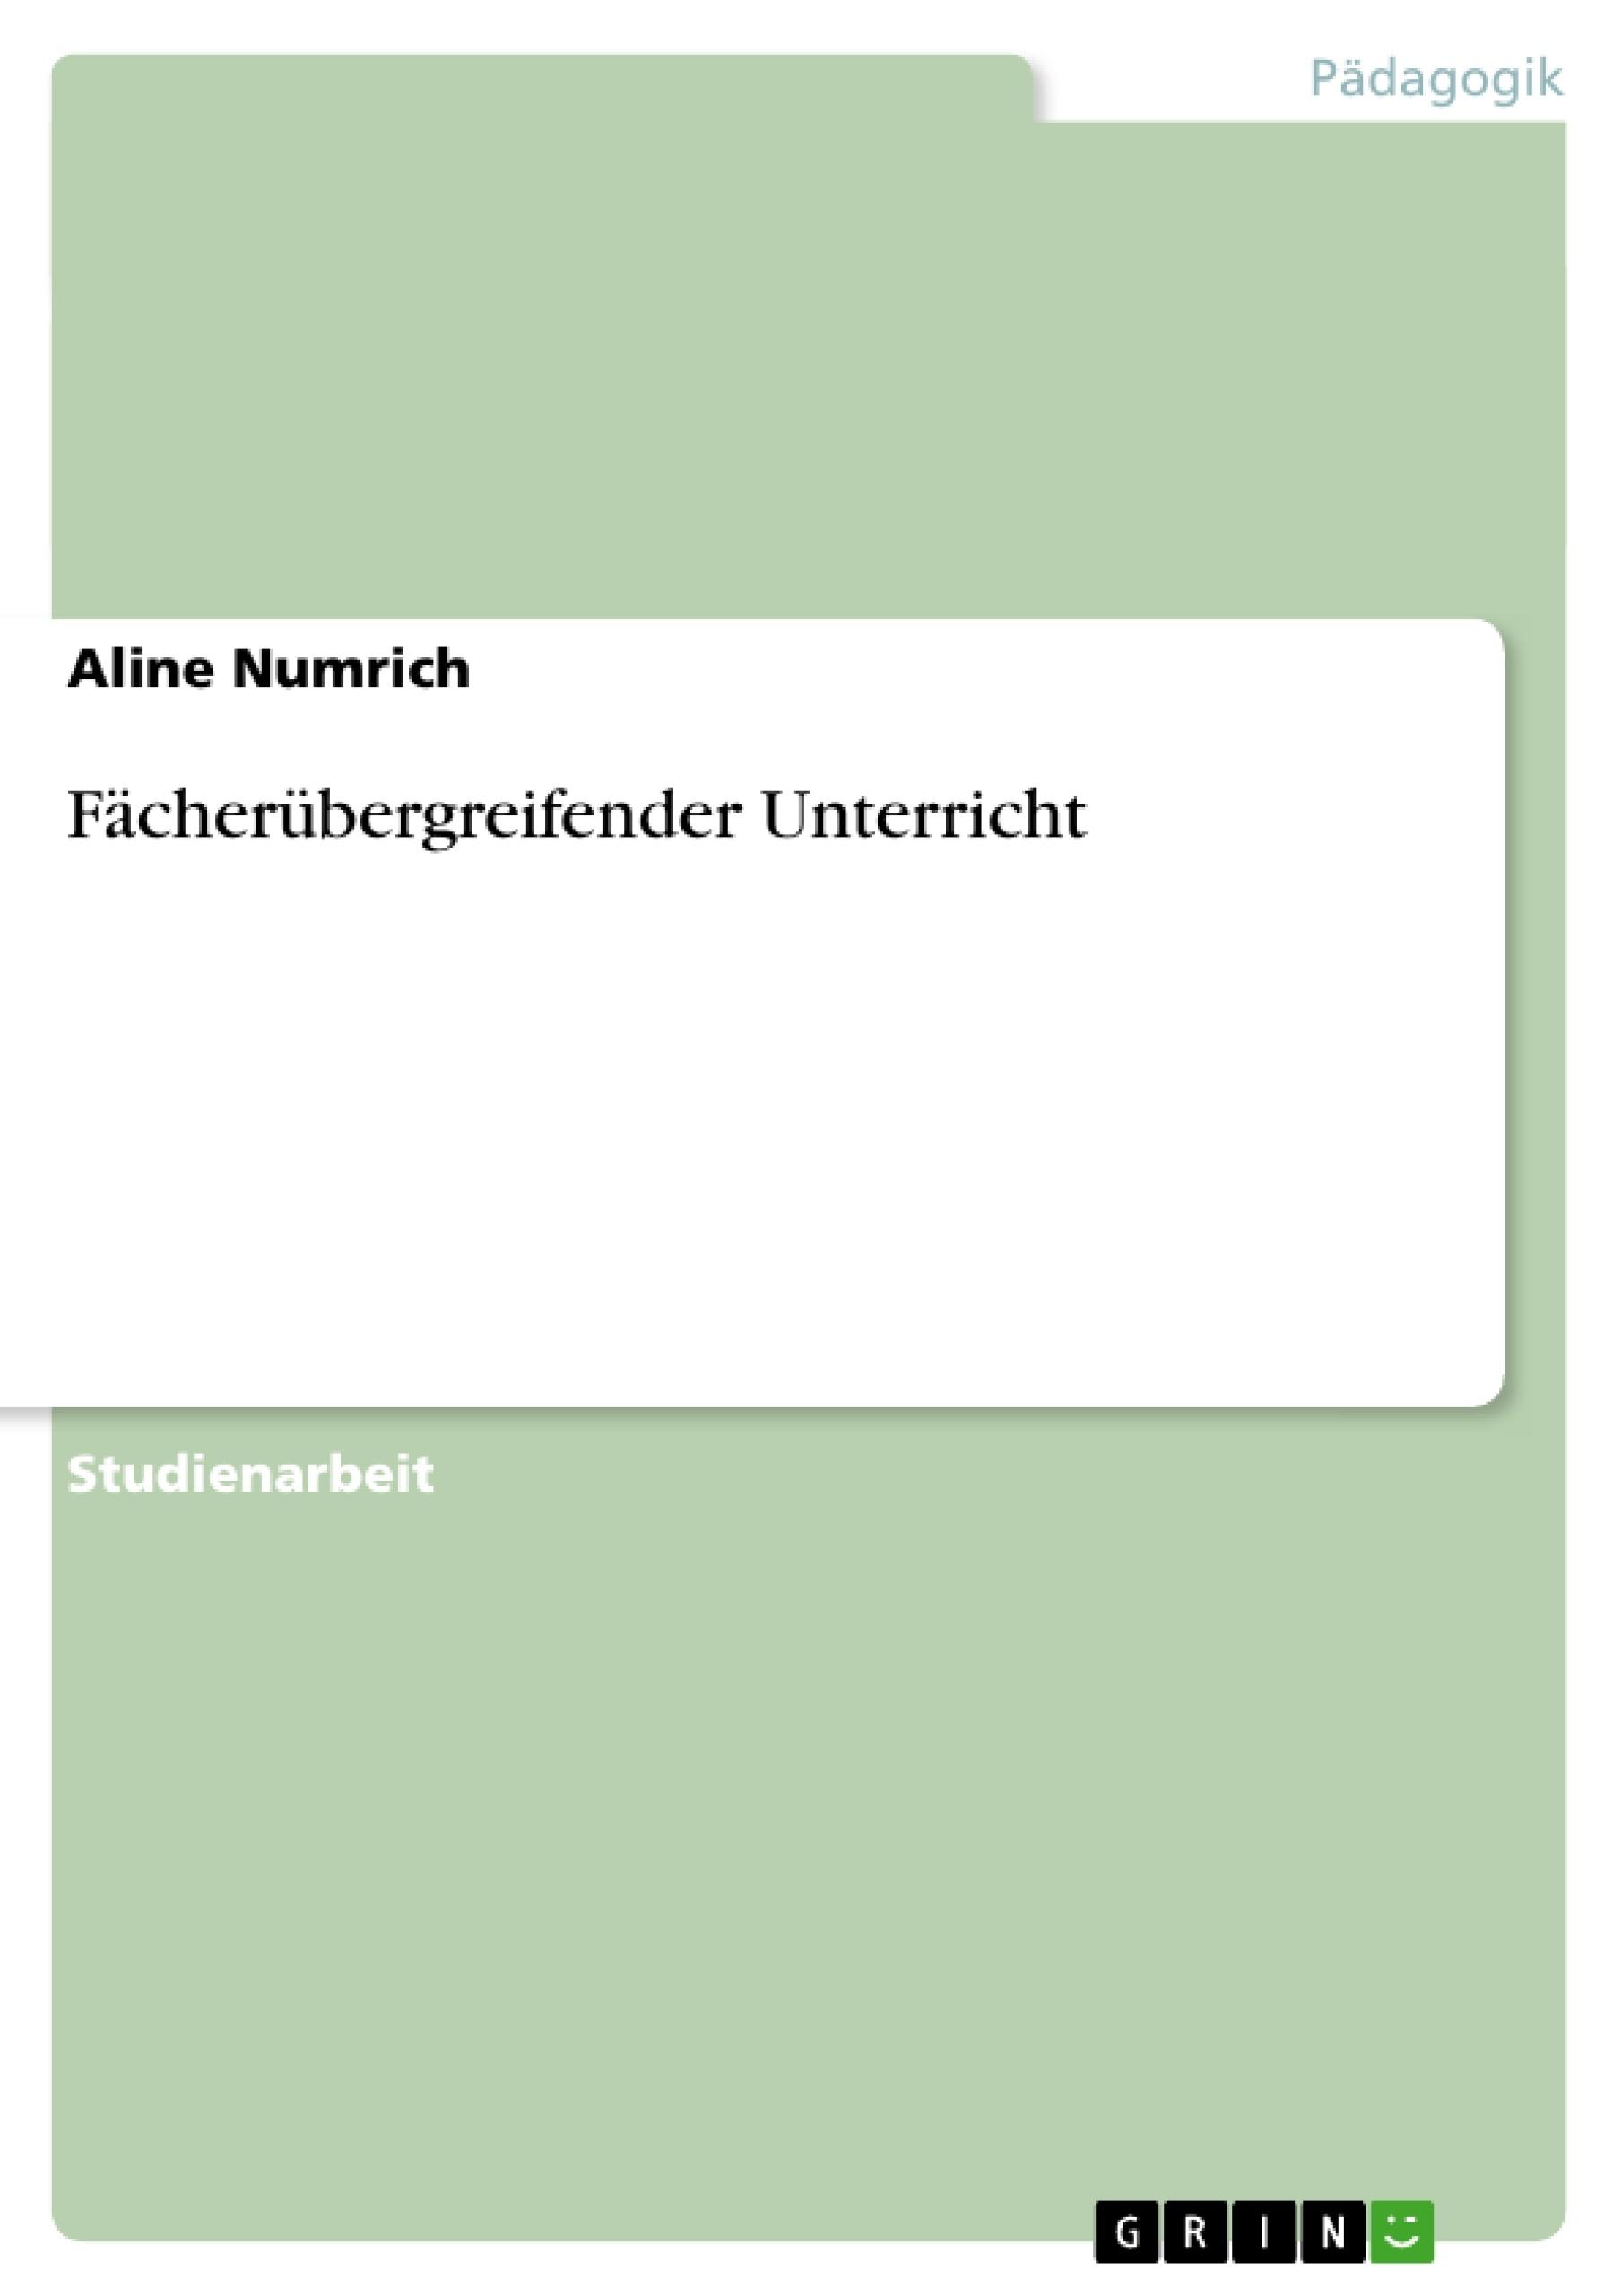 Titel: Fächerübergreifender Unterricht